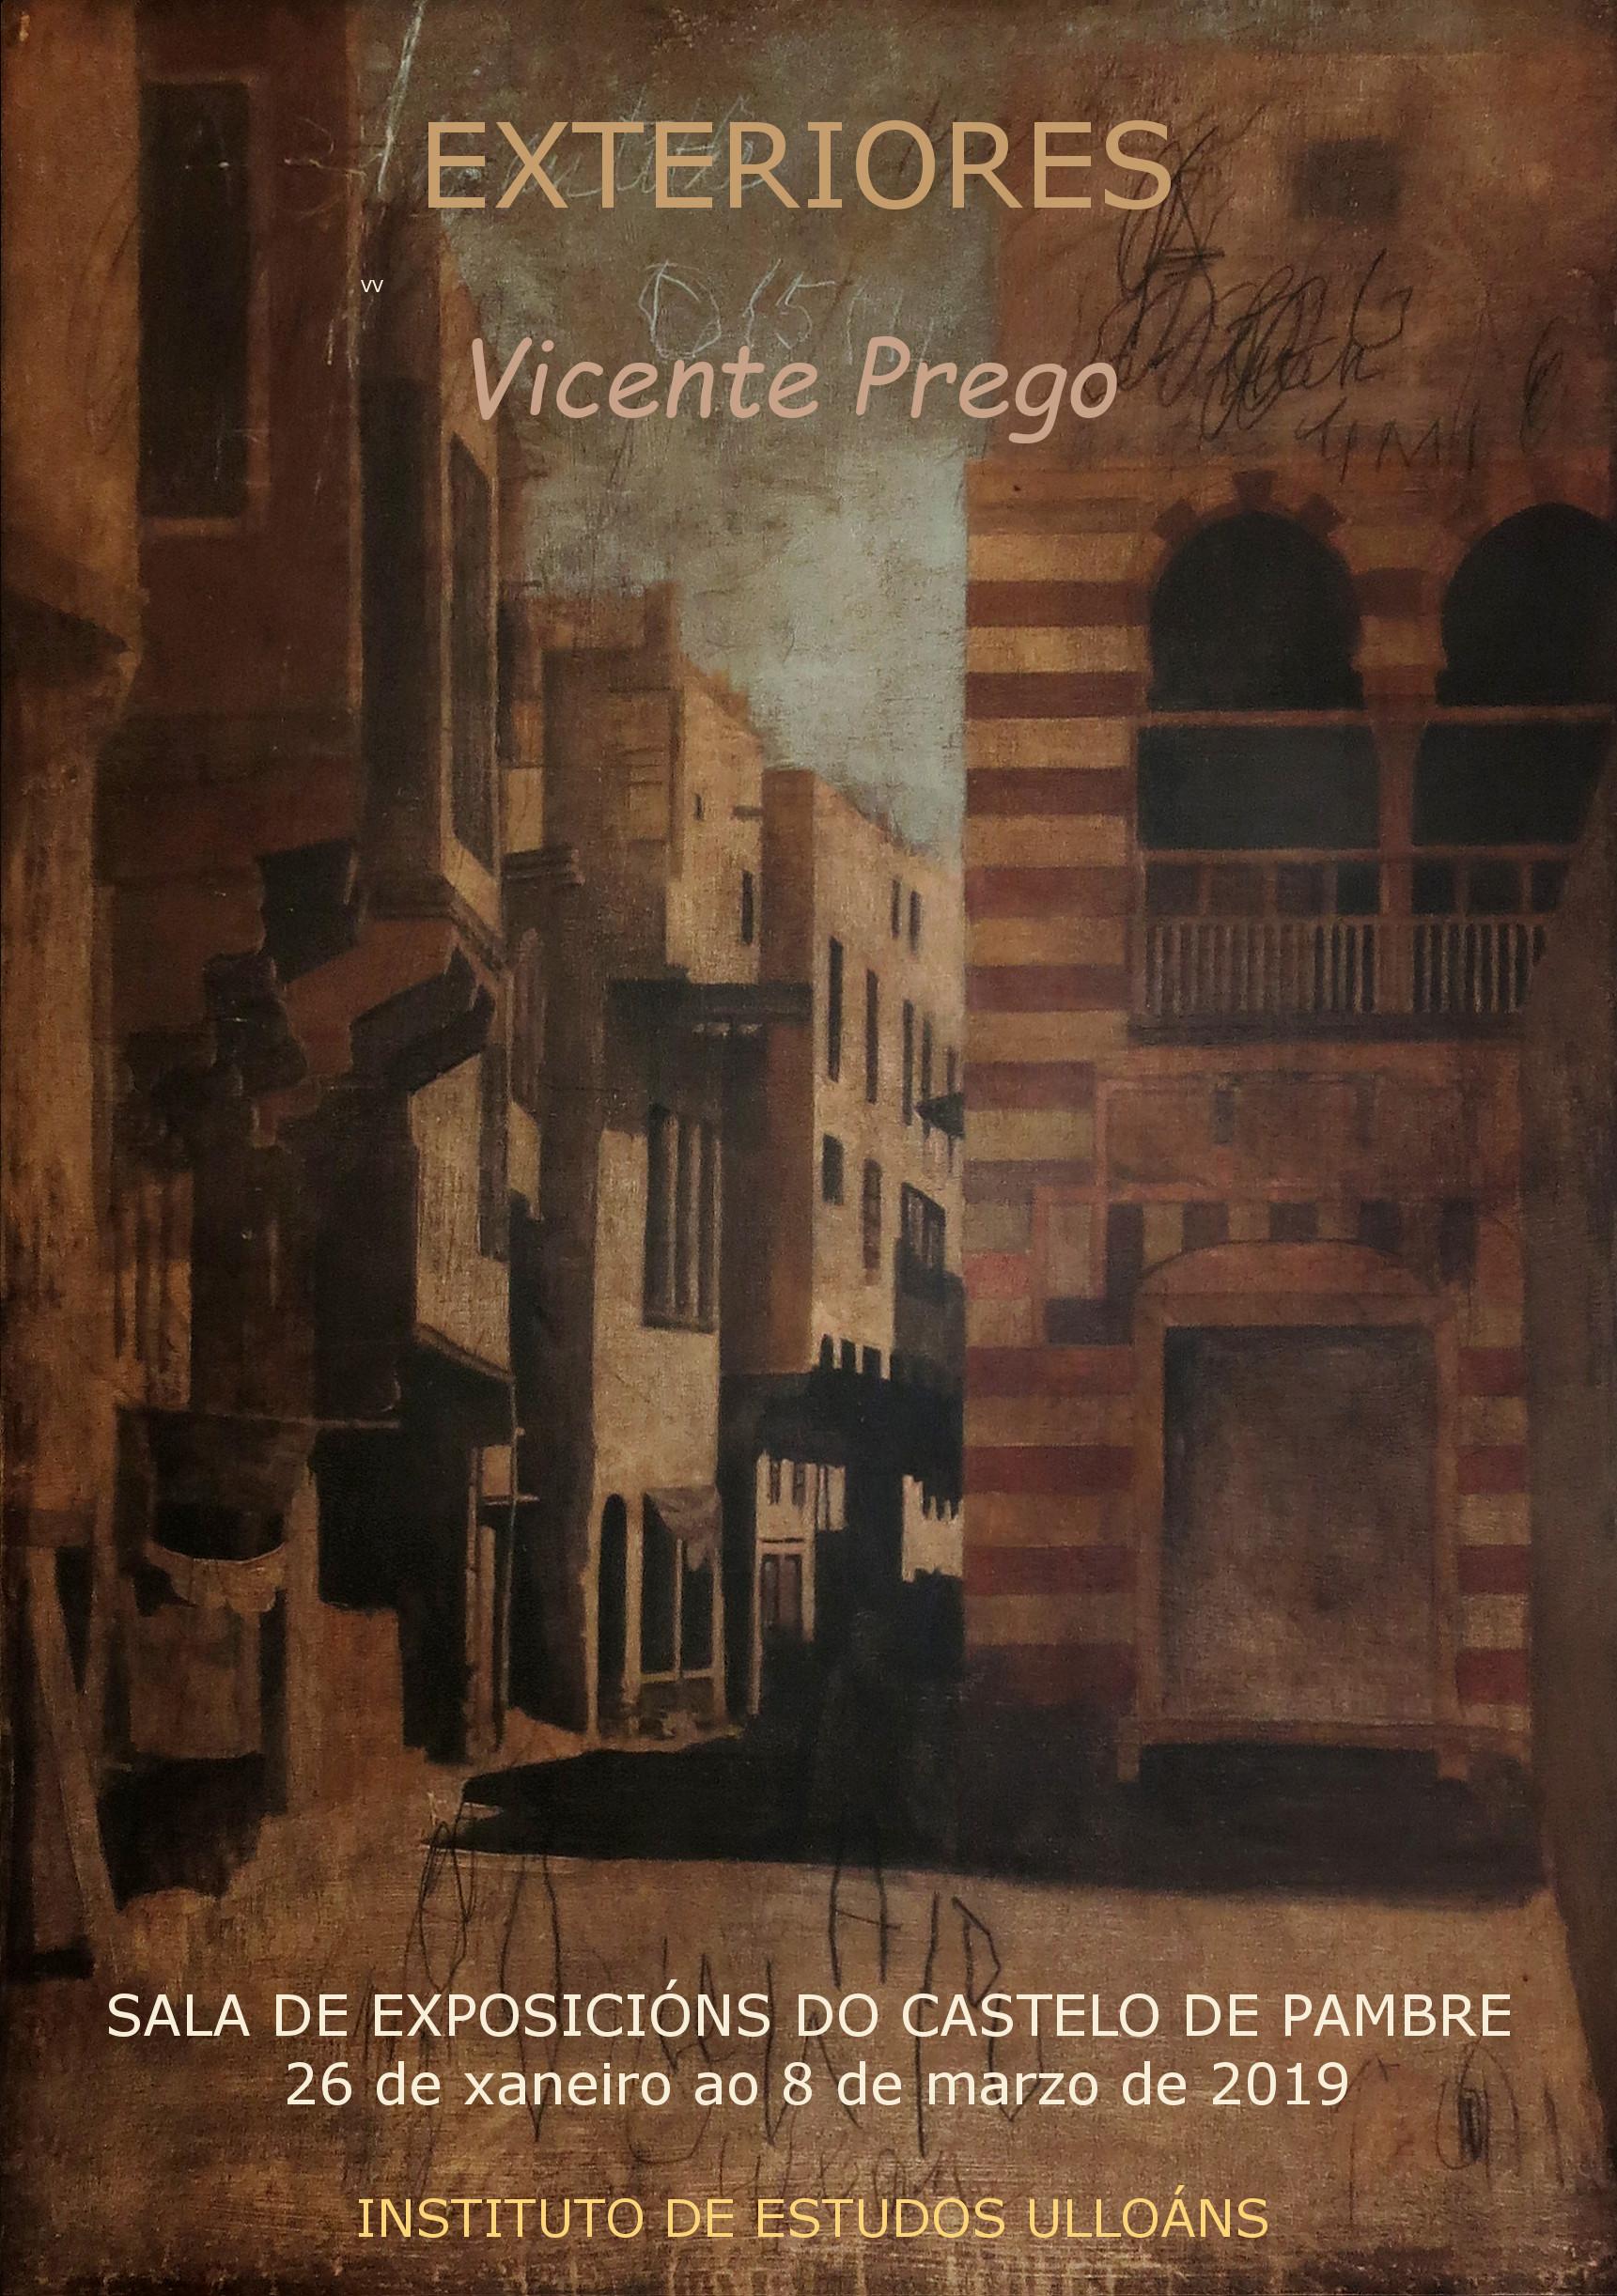 Exposición Vicente Prego, Instituto de Estudos Ulloáns